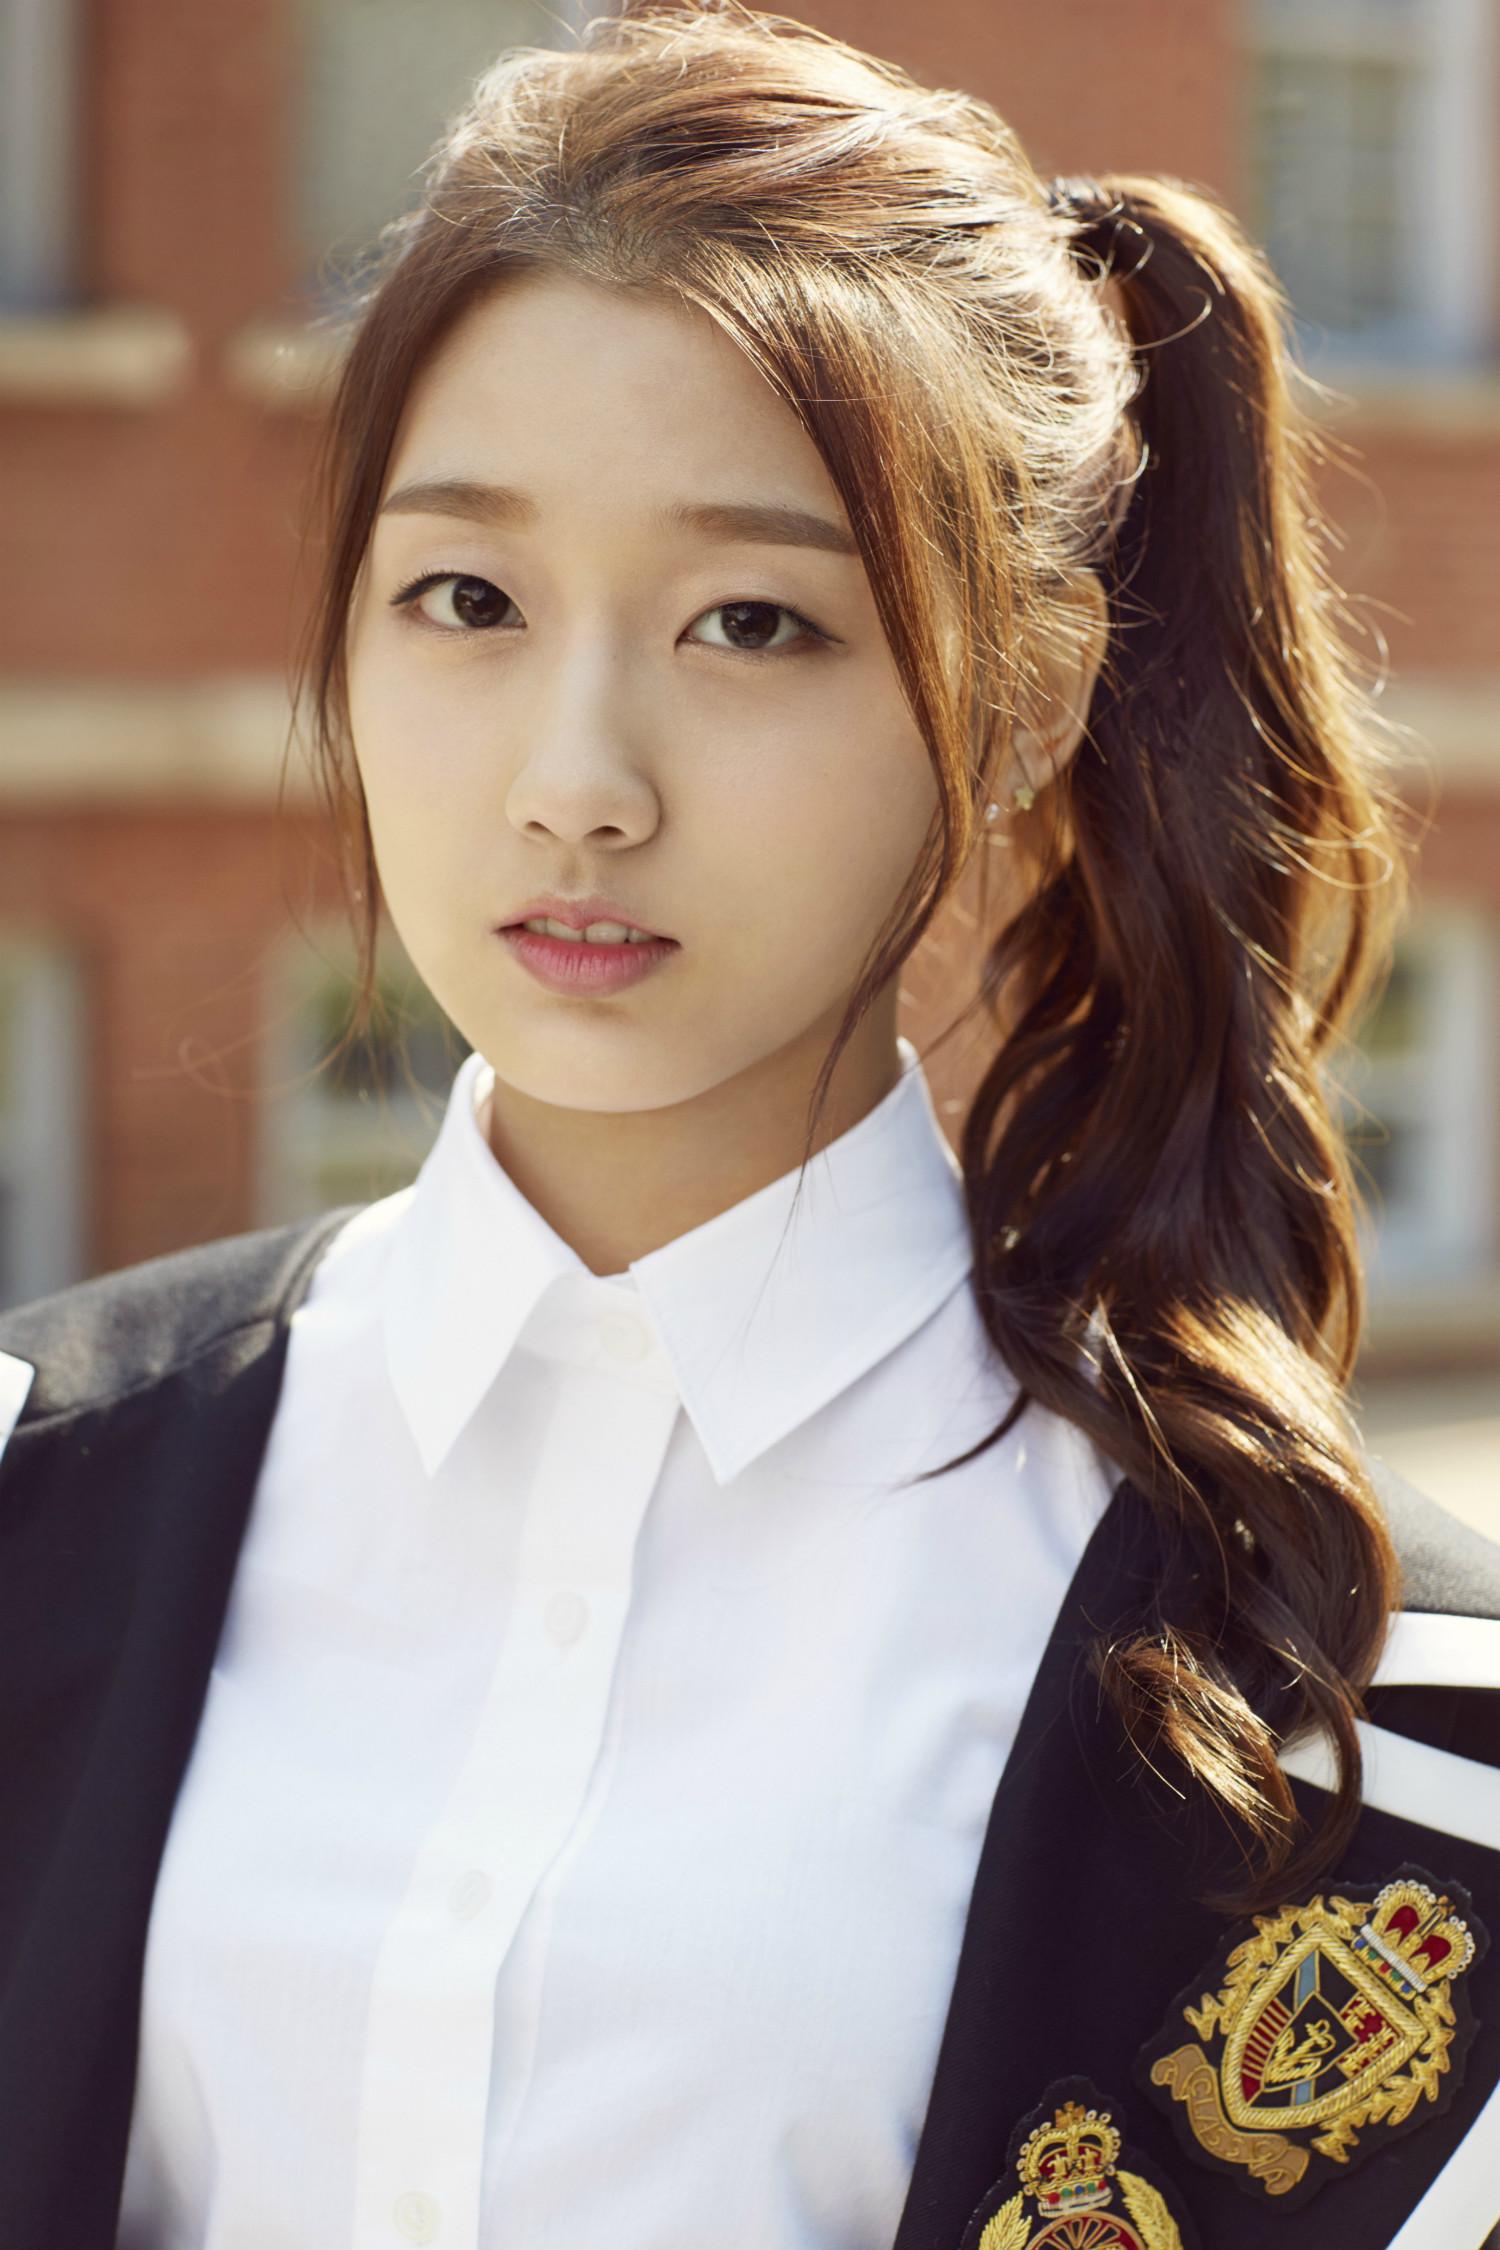 Who Is Seo Ye Ji